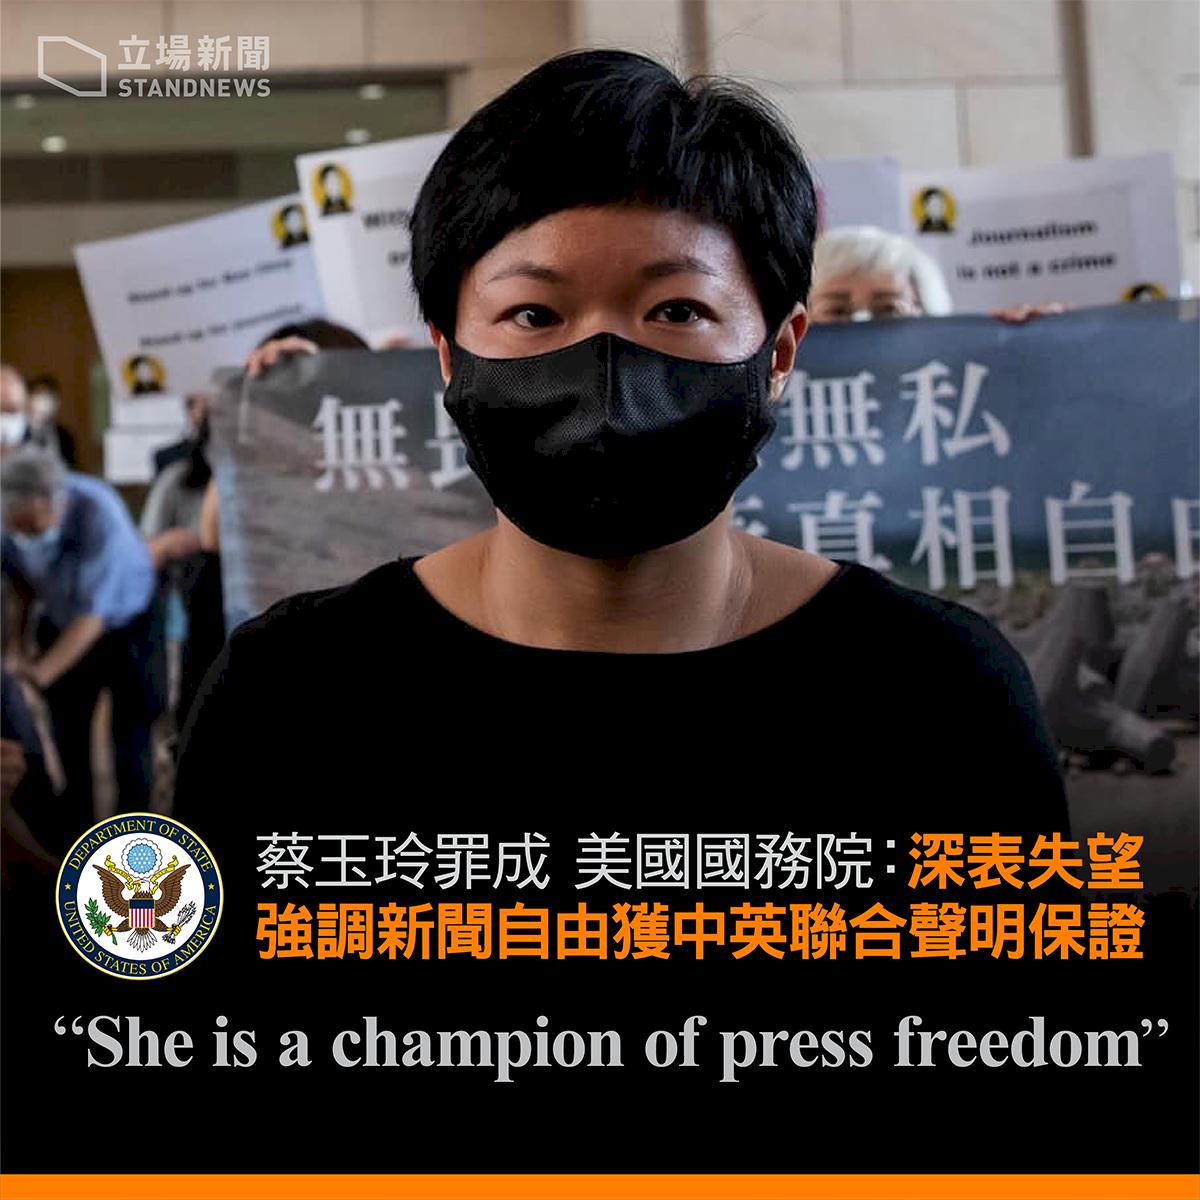 挺香港新聞自由!美國務院聲援蔡玉玲